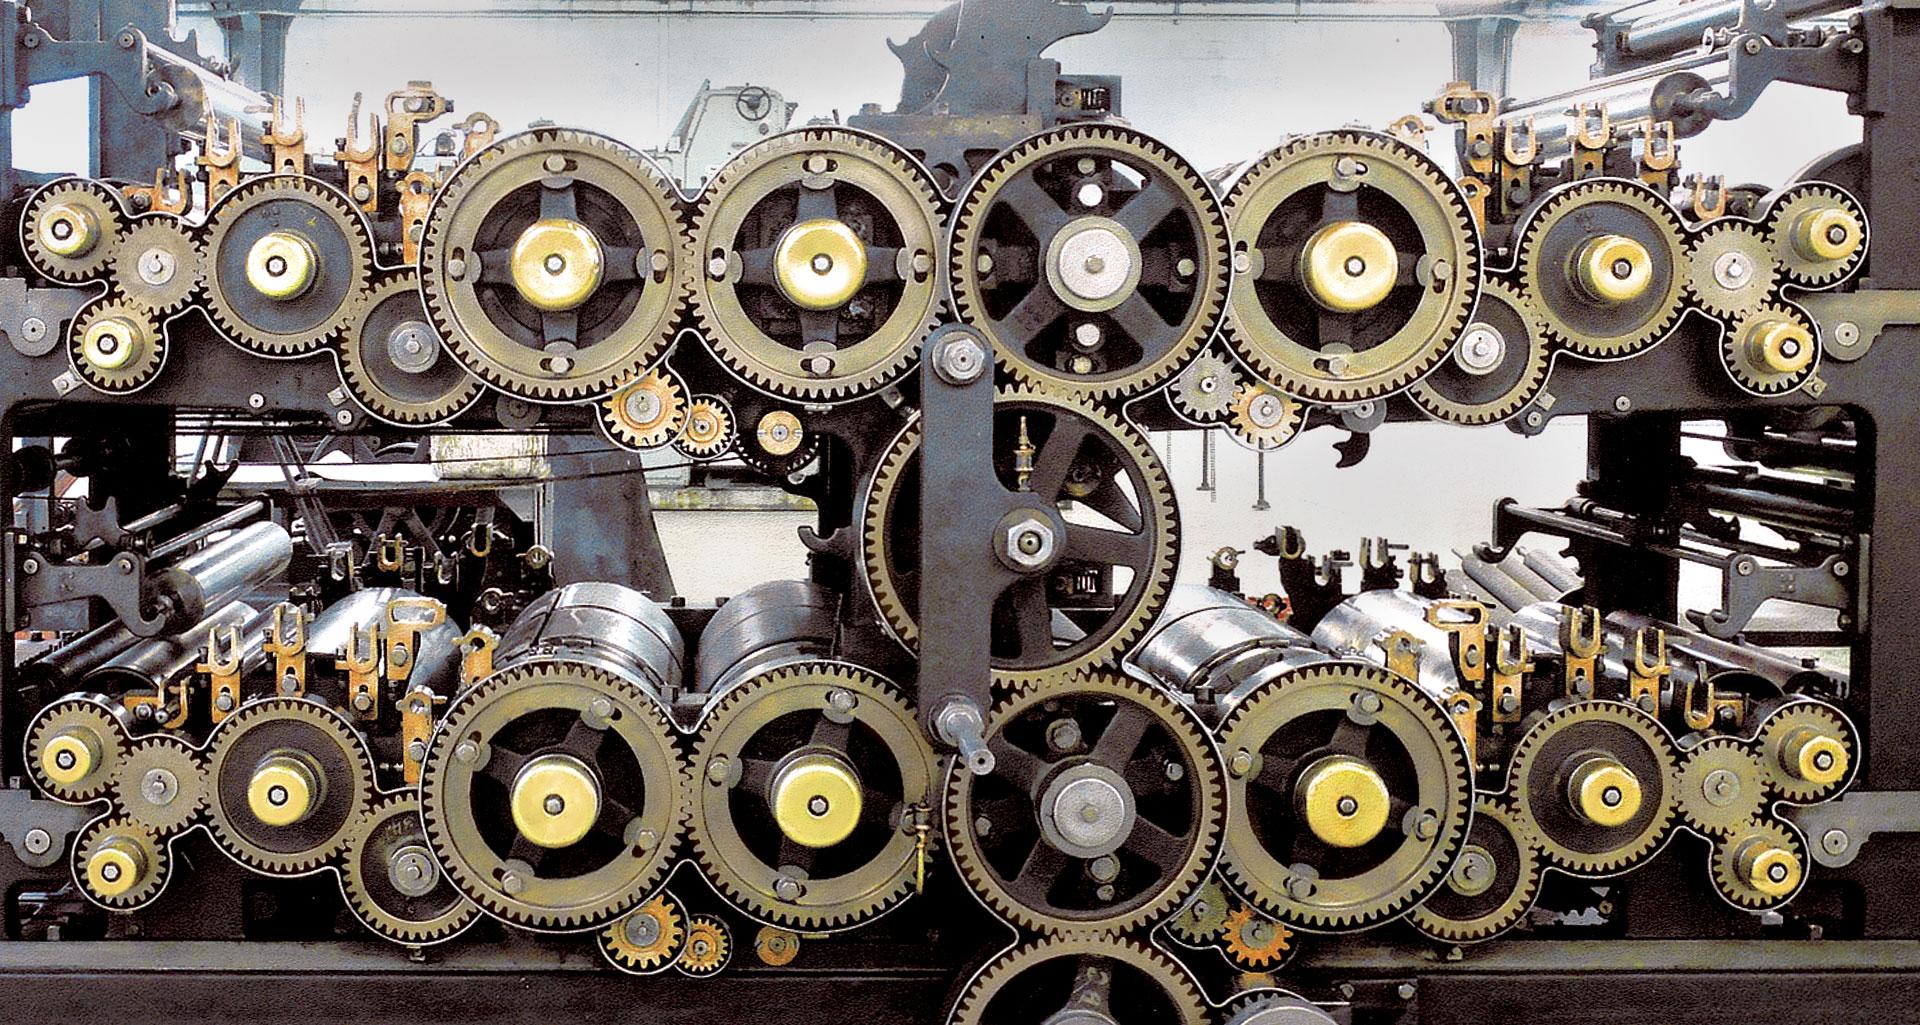 Presse à Imprimer - Machine en fonctionnement - AMI - Atelier Musée de l'Imprimerie - Malesherbes